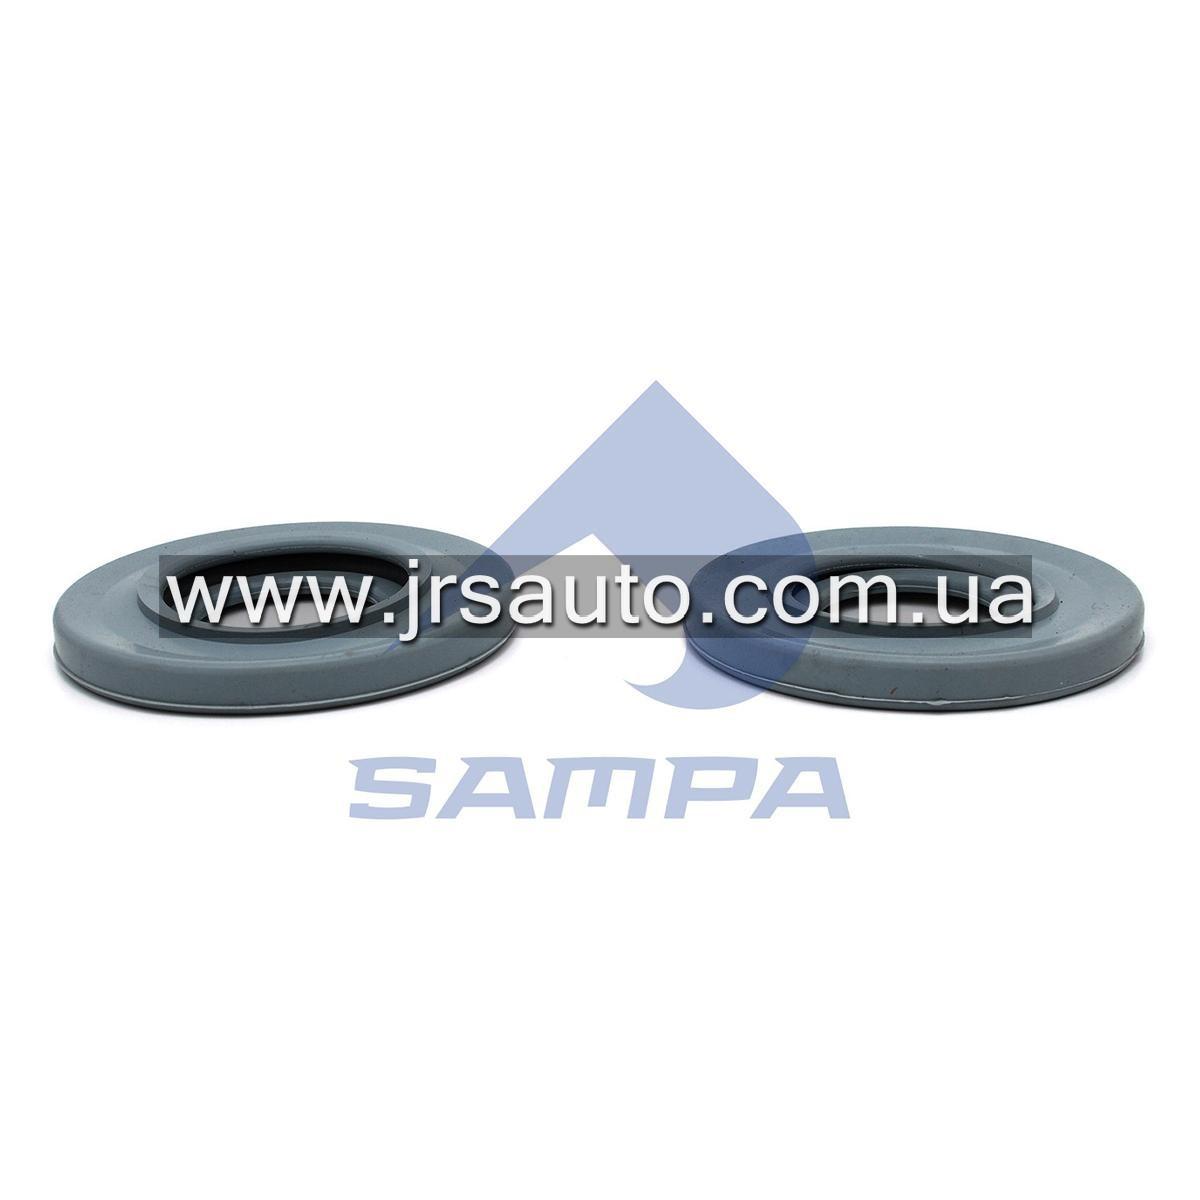 Ремкомплект суппорта d33,5xd84x13 ROR (d33,5xd84x13) \ST1156 \ 095.707